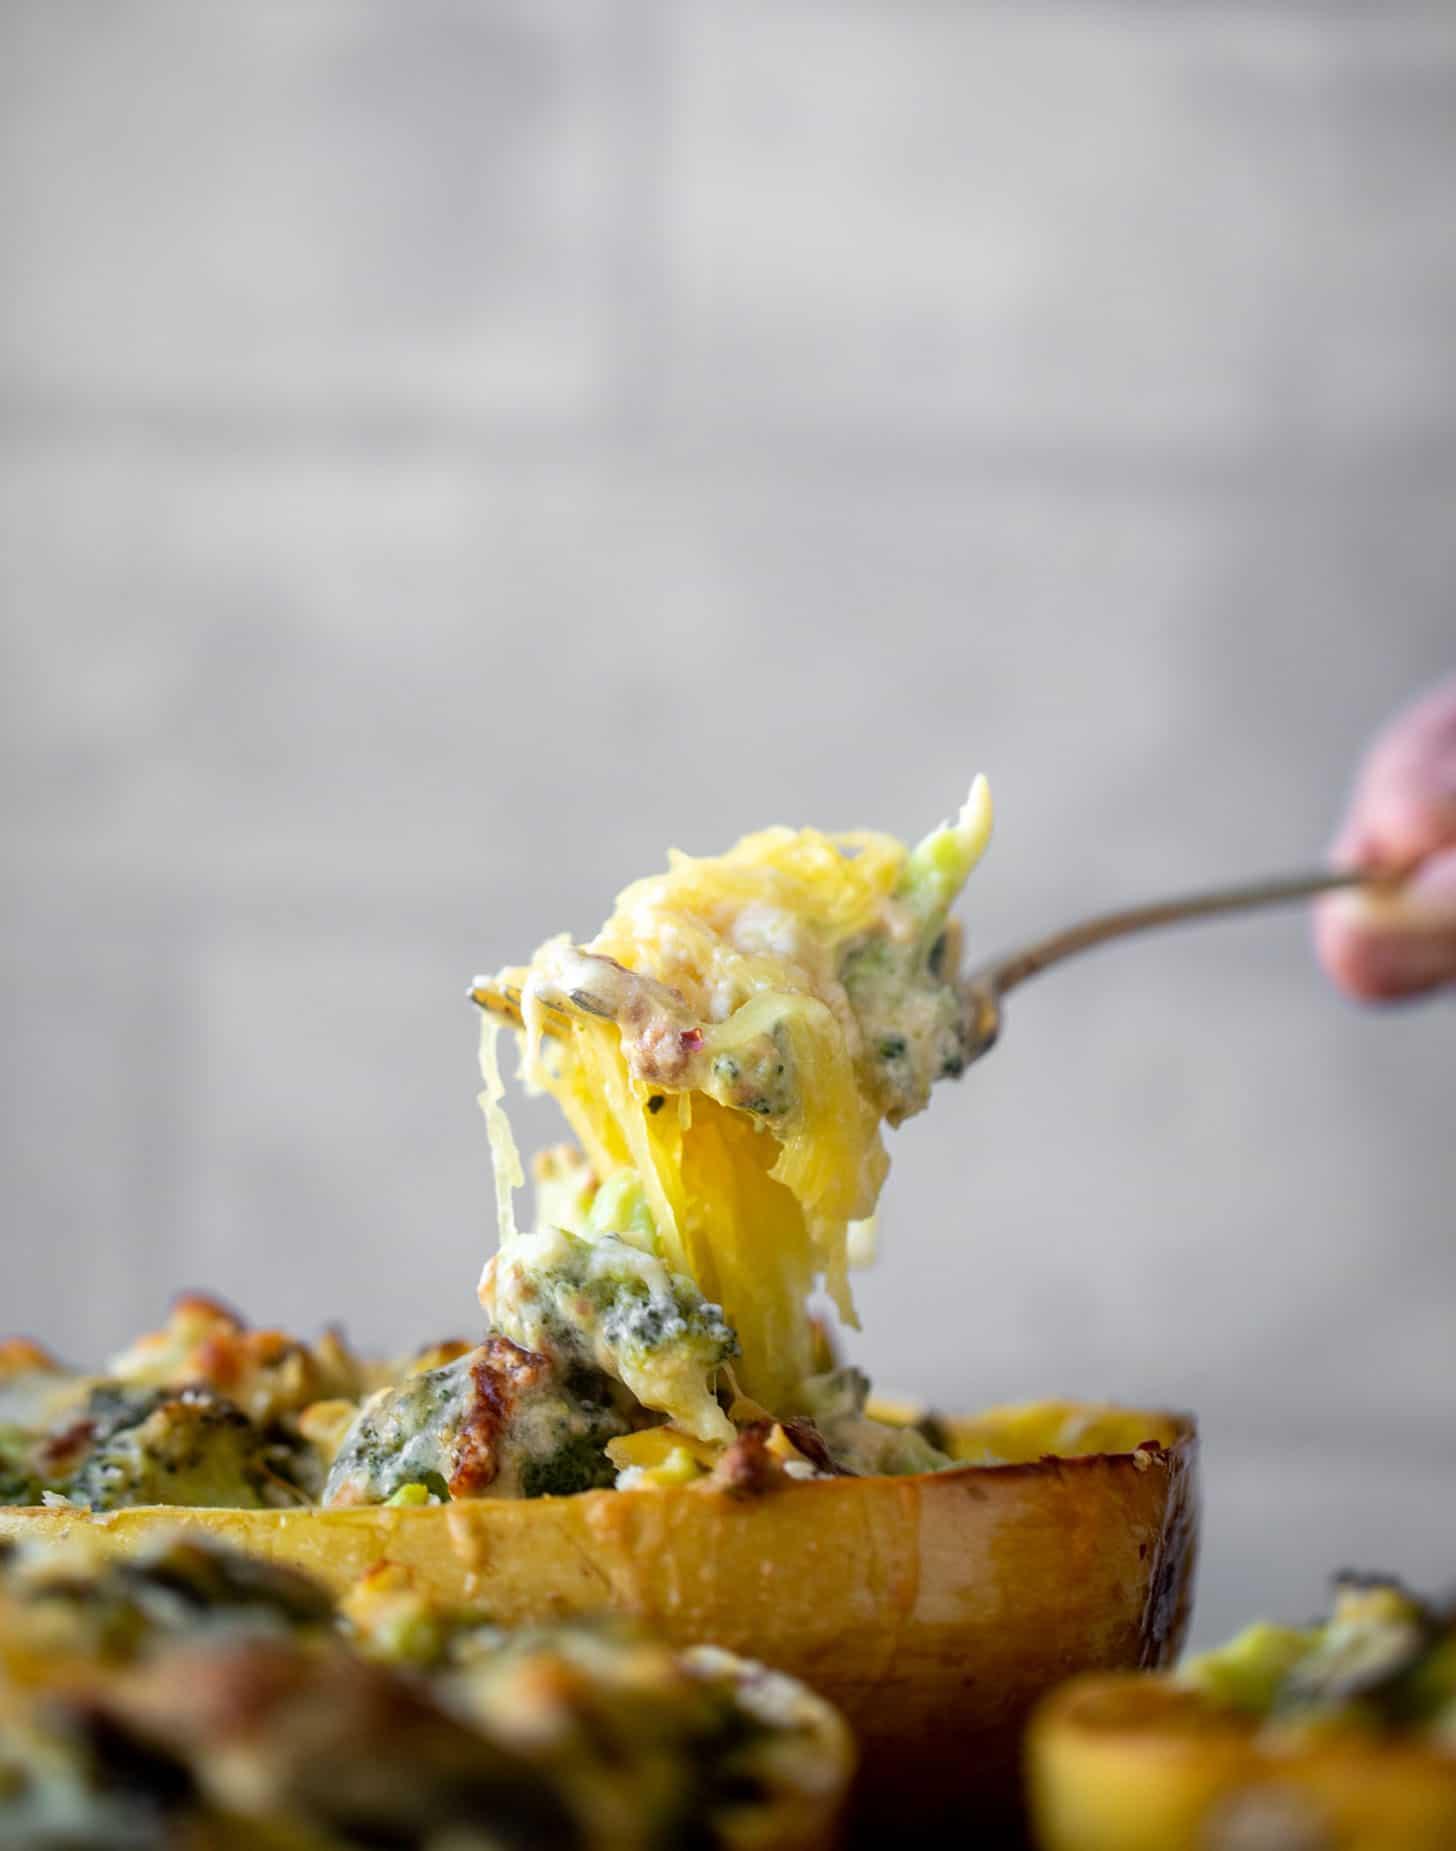 broccoli cheddar stuffed spaghetti squash